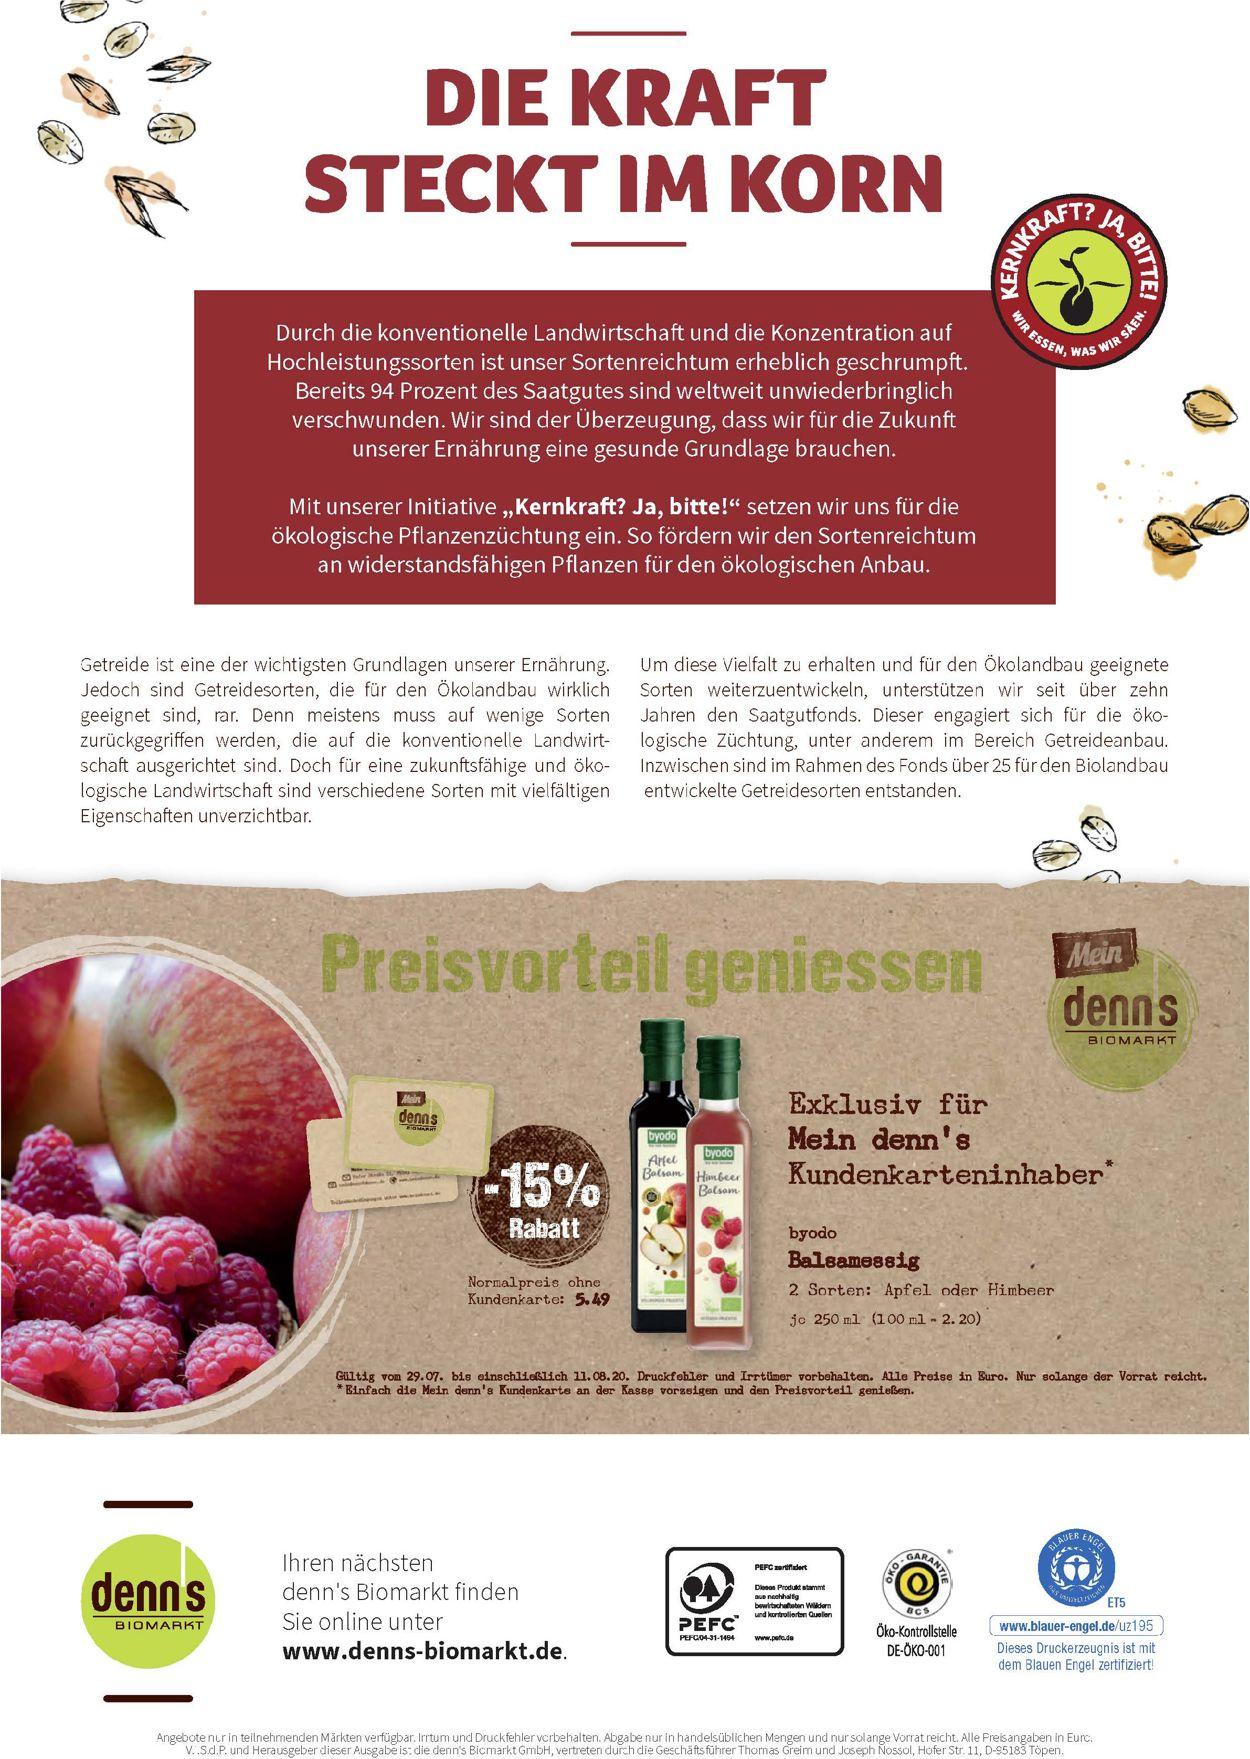 Denn's Biomarkt Prospekt - Aktuell vom 29.07-11.08.2020 (Seite 12)